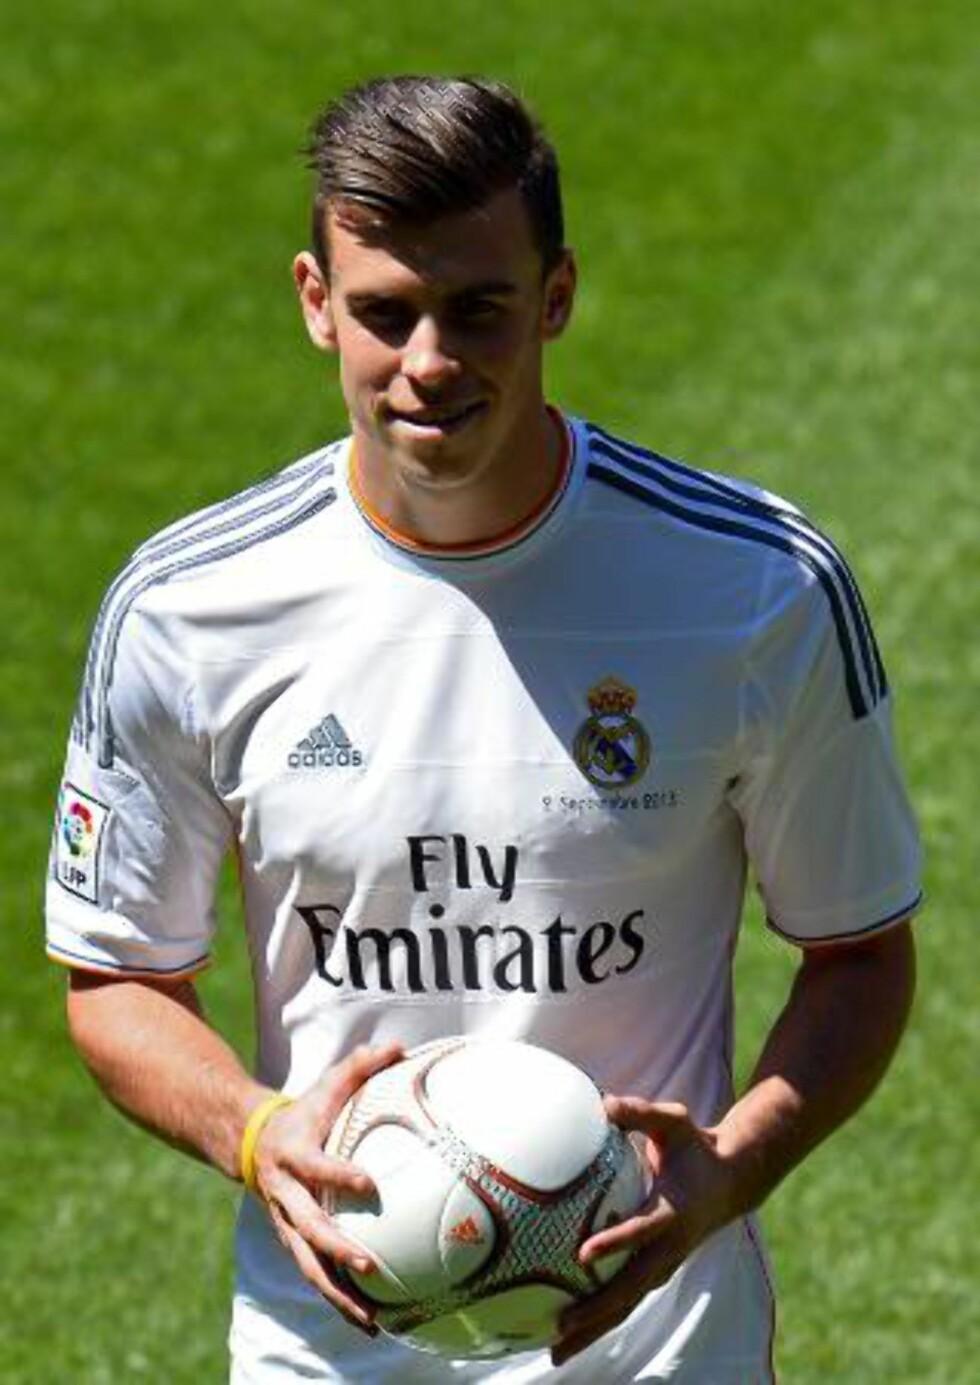 VERDENS DYRESTE: Det kostet Real Madrid rundt 800 millioner kroner å få Gareth Bale til å ta på seg denne drakta. Foto: AFP / NTB scanpix